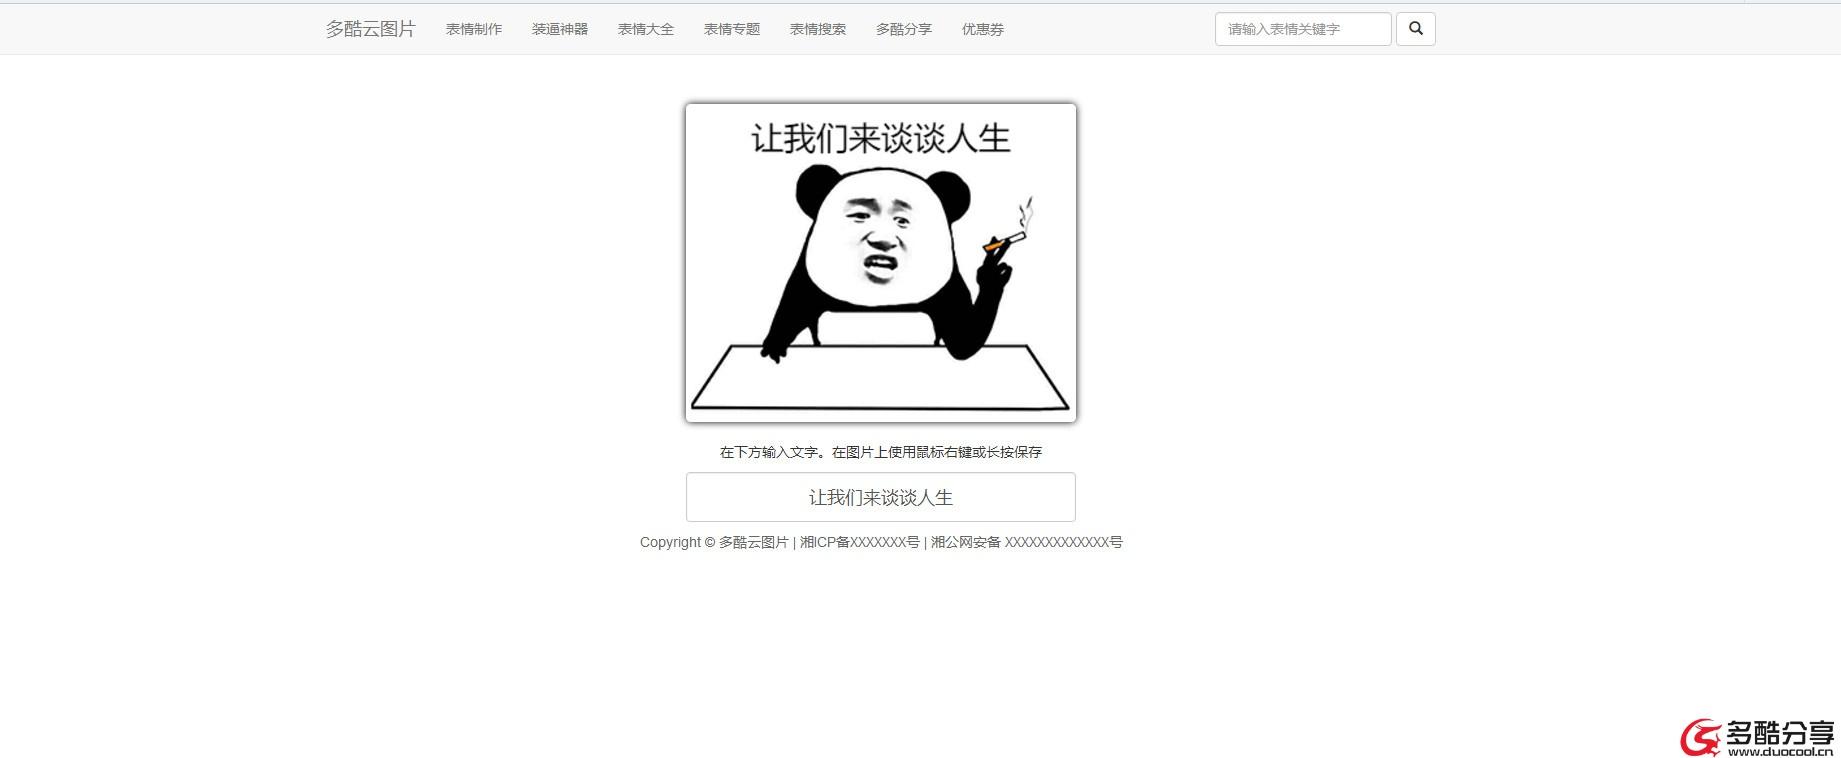 【网站源码】斗图类源码,自己研究用的,图片不多,自行添加!---多酷分享(Www.DuoCooL.Cn)